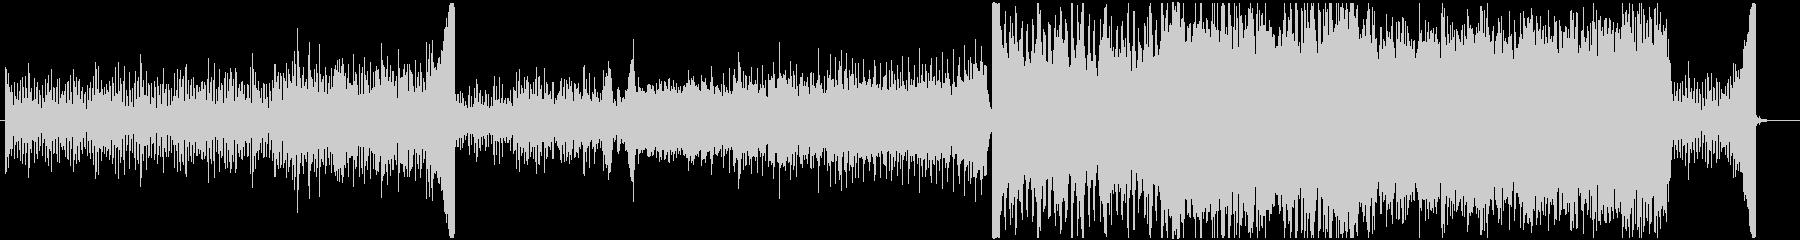 ものづくり・ワクワク系の動画BGMに最適の未再生の波形